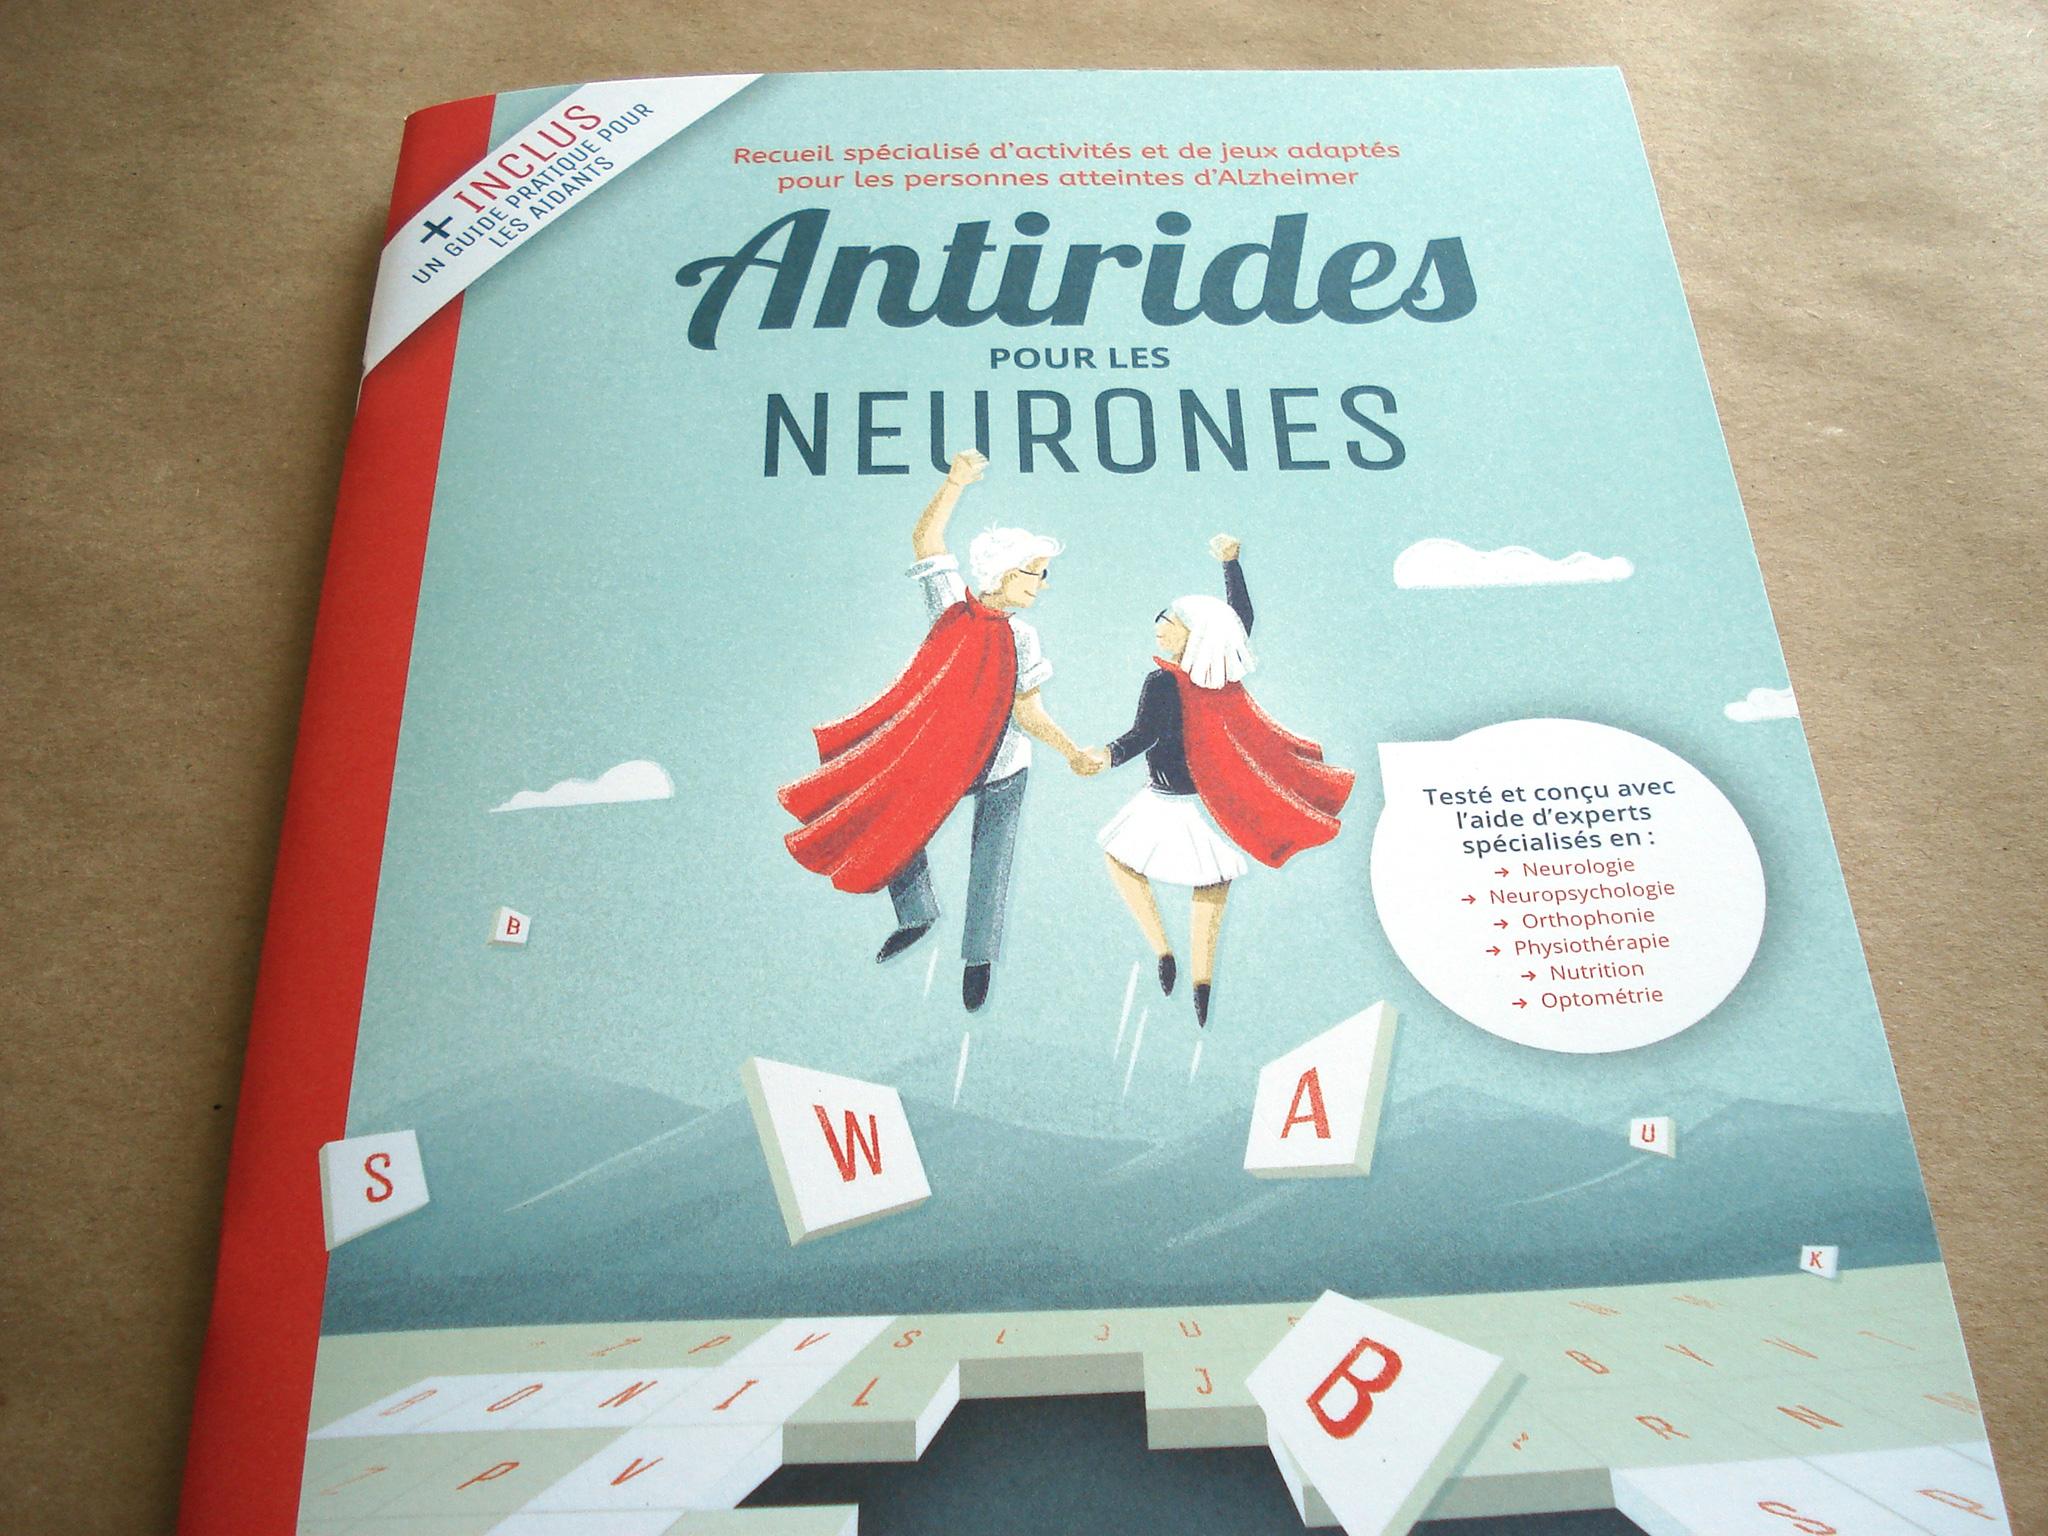 Recueil spécialisé d'activités et de jeux adaptés pour les personnes atteintes d'Alzheimer. Guide pratique pour les aidants.